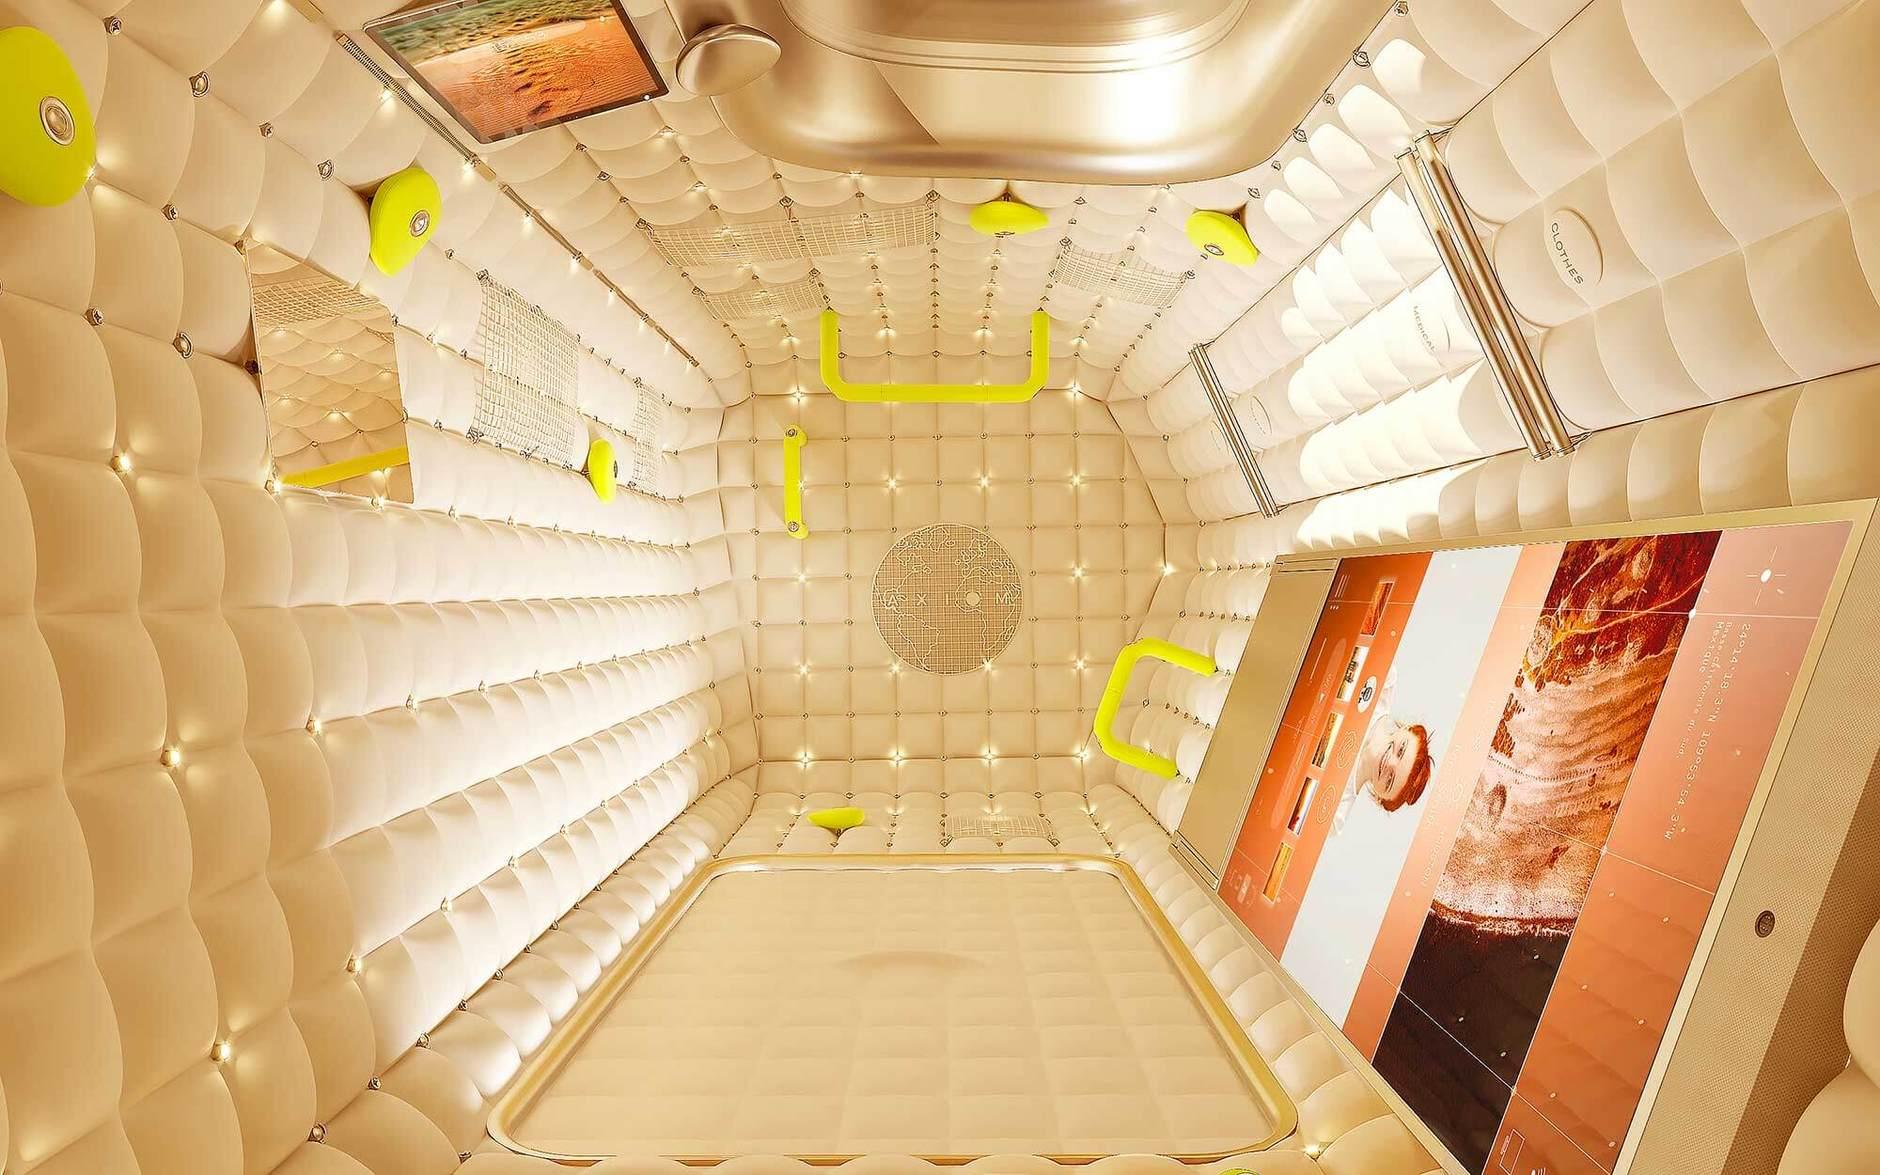 Просто космос: дизайн космической станции от Филиппа Старка (галерея 4, фото 2)